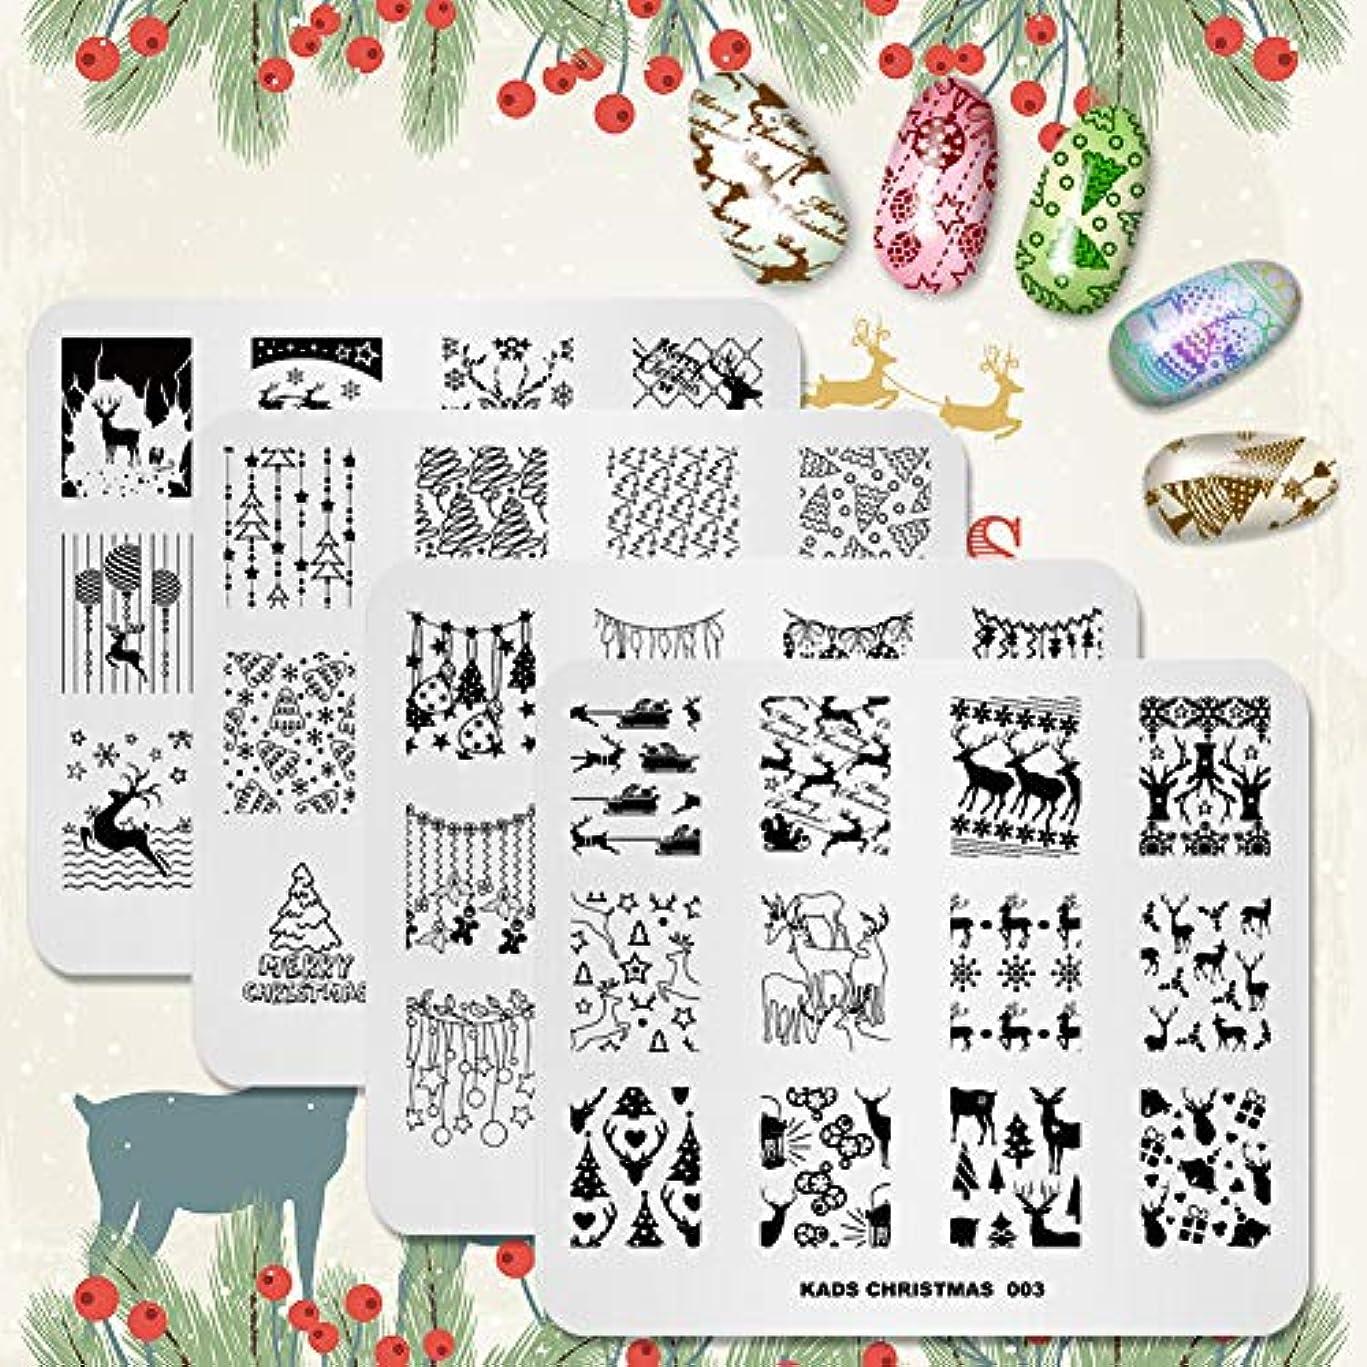 失望させるアプライアンス消防士KADS クリスマスネイルアートスタンピングプレート4枚セット 福袋/クリスマスツリー/鹿 ネイルイメージプレート ネイルアート用品道具 (セット5)